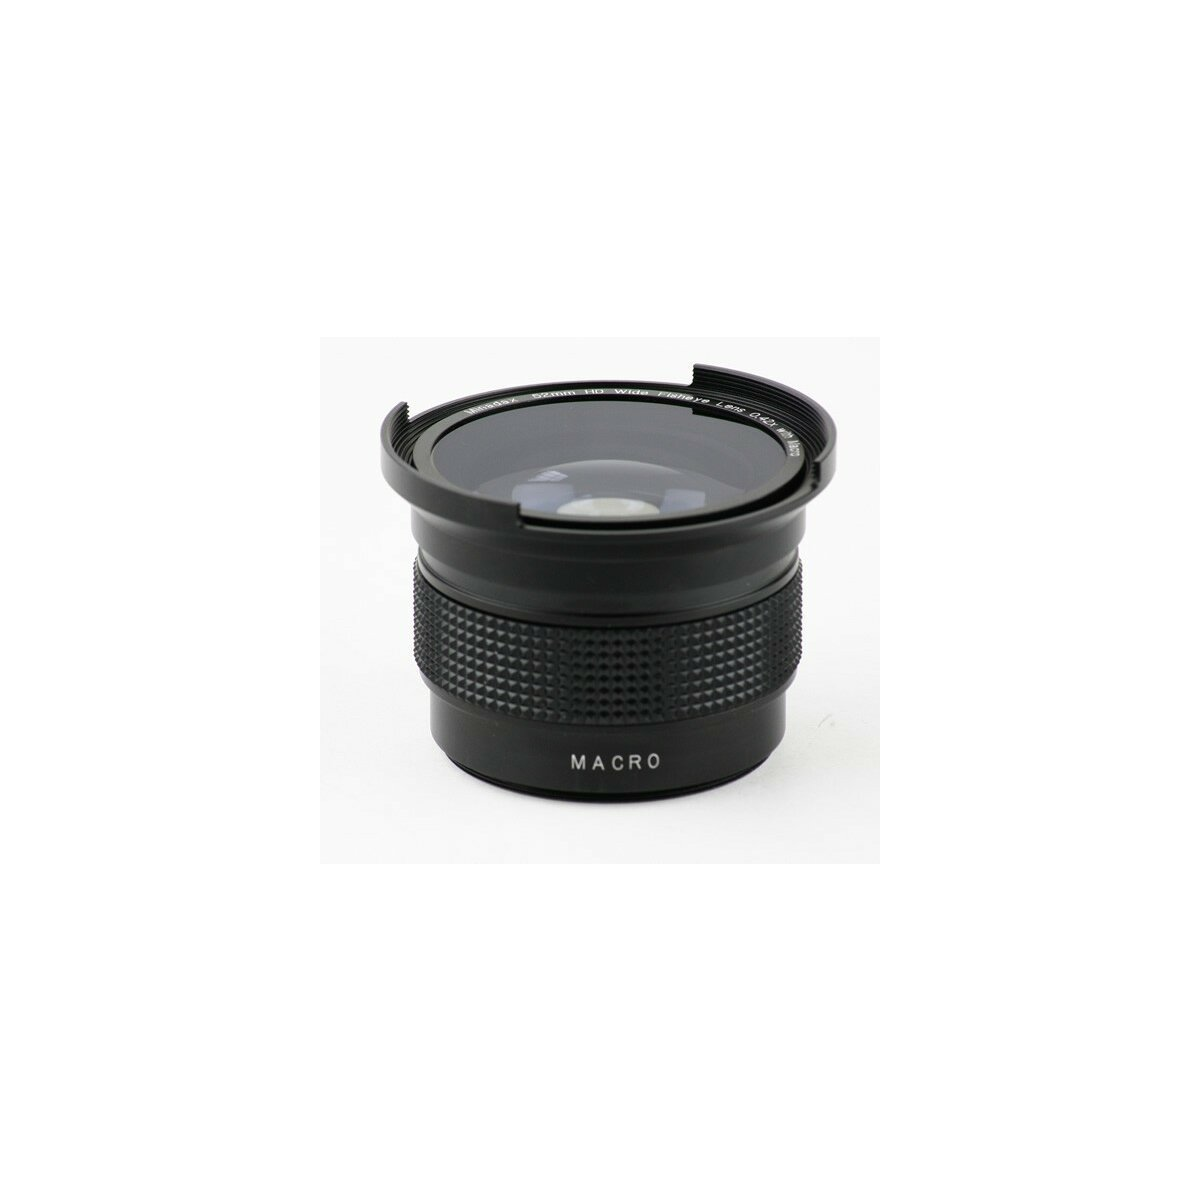 Minadax 0.25x Fisheye Vorsatz kompatibel mit Canon Powershot A60, A70, A75, A85 - in schwarz